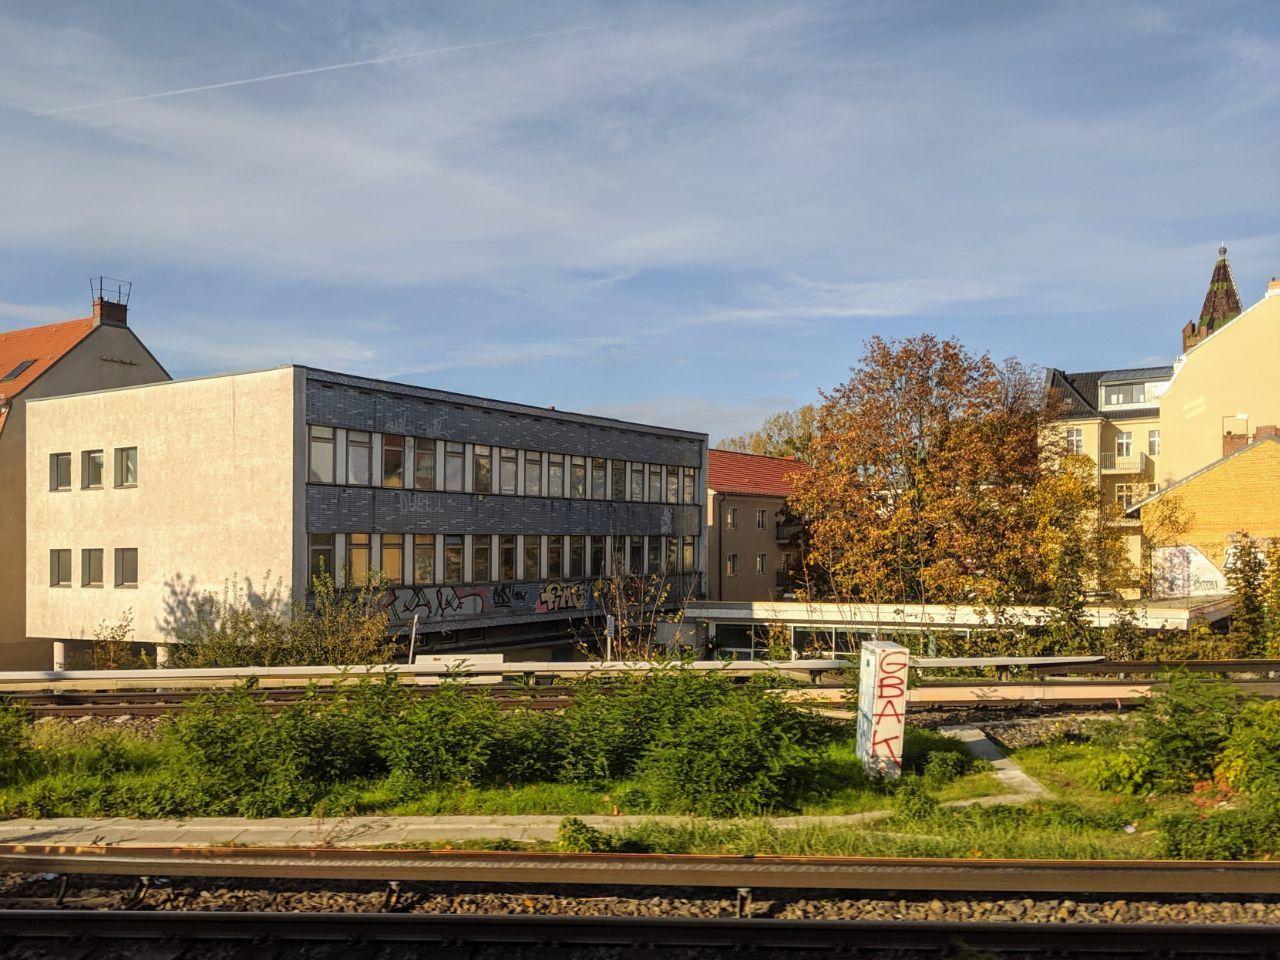 Das St.Oberholz vom S-Bahnhof Babelsberg aus gesehen